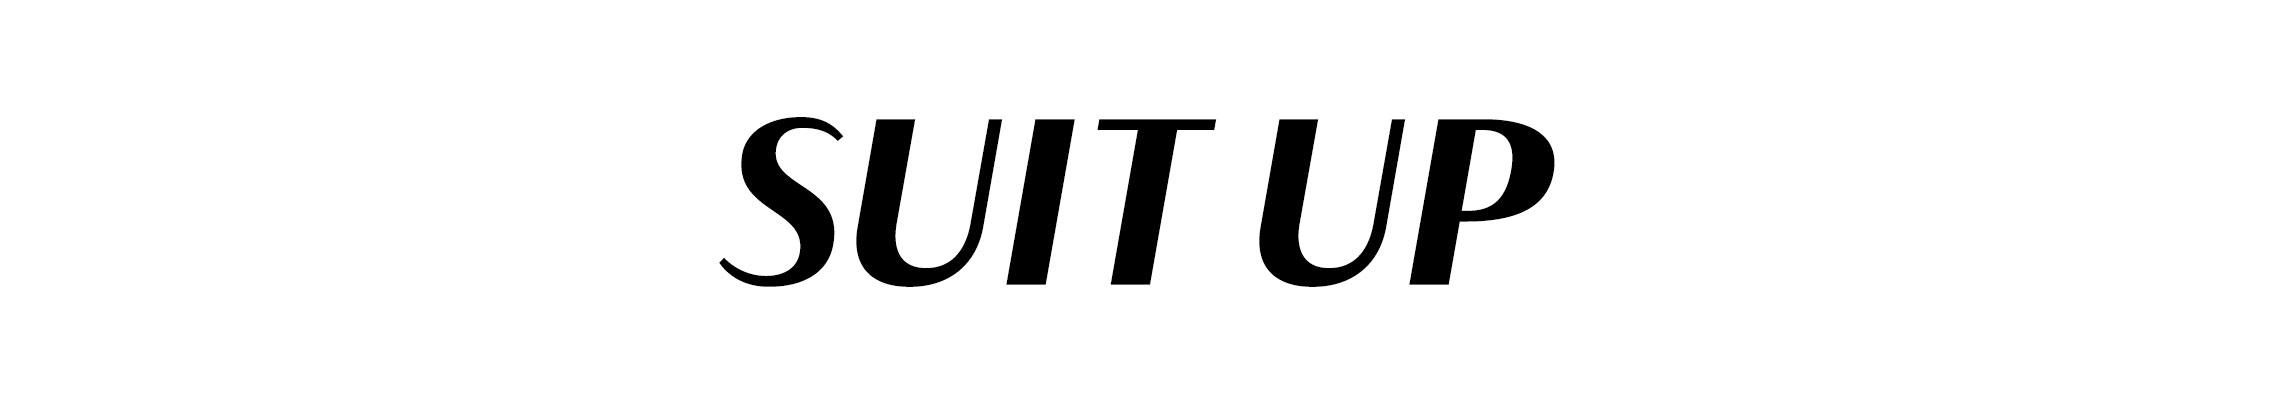 SuitUp.jpg